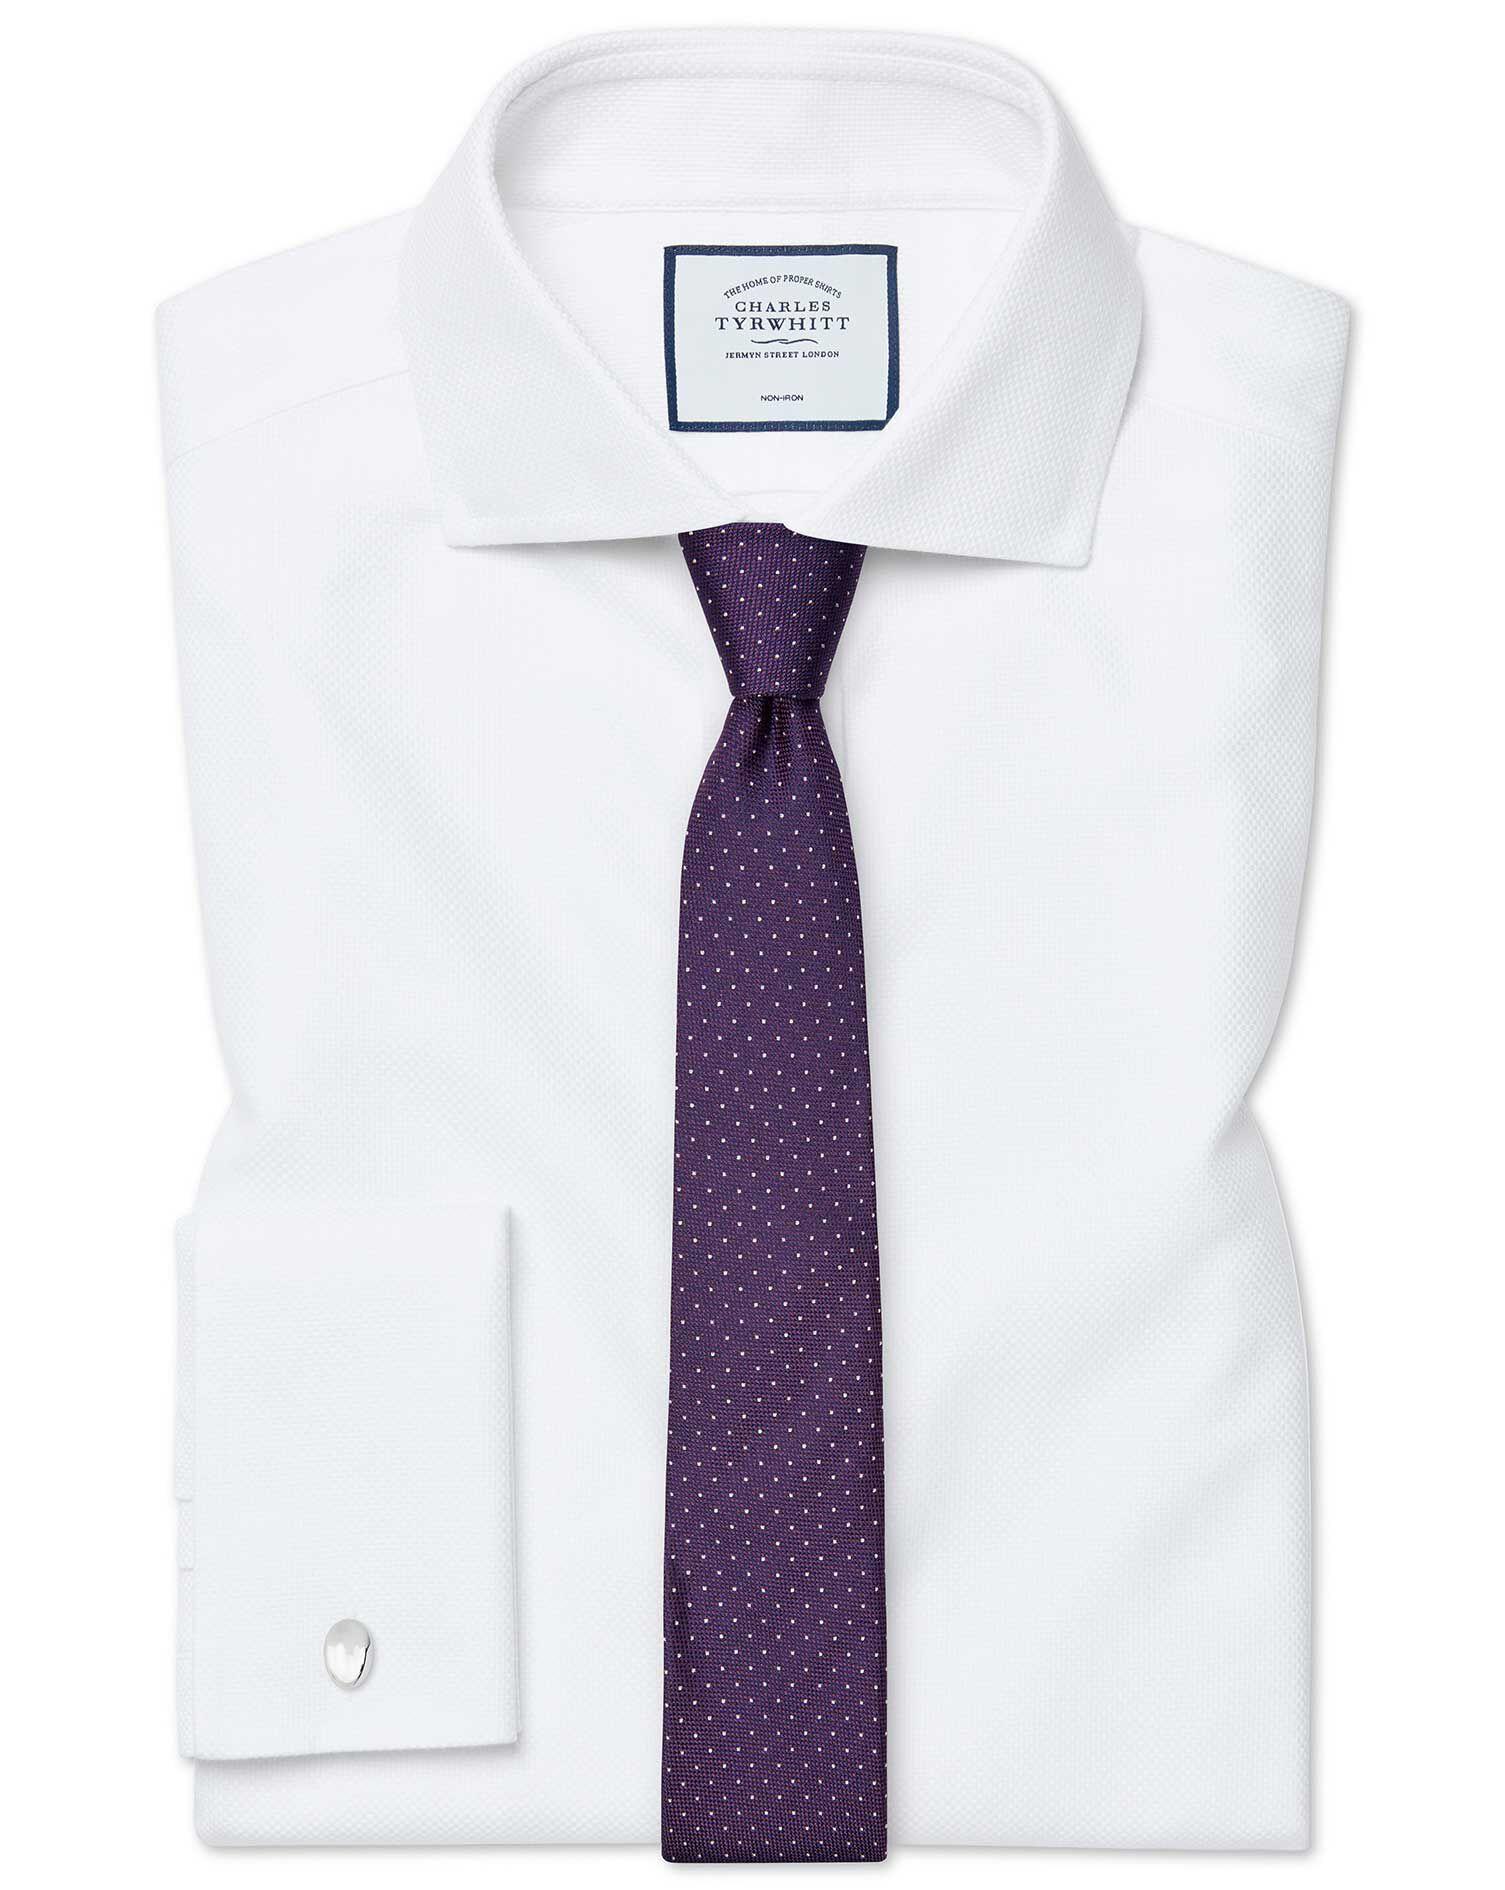 Cravate slim en soie violette à pois